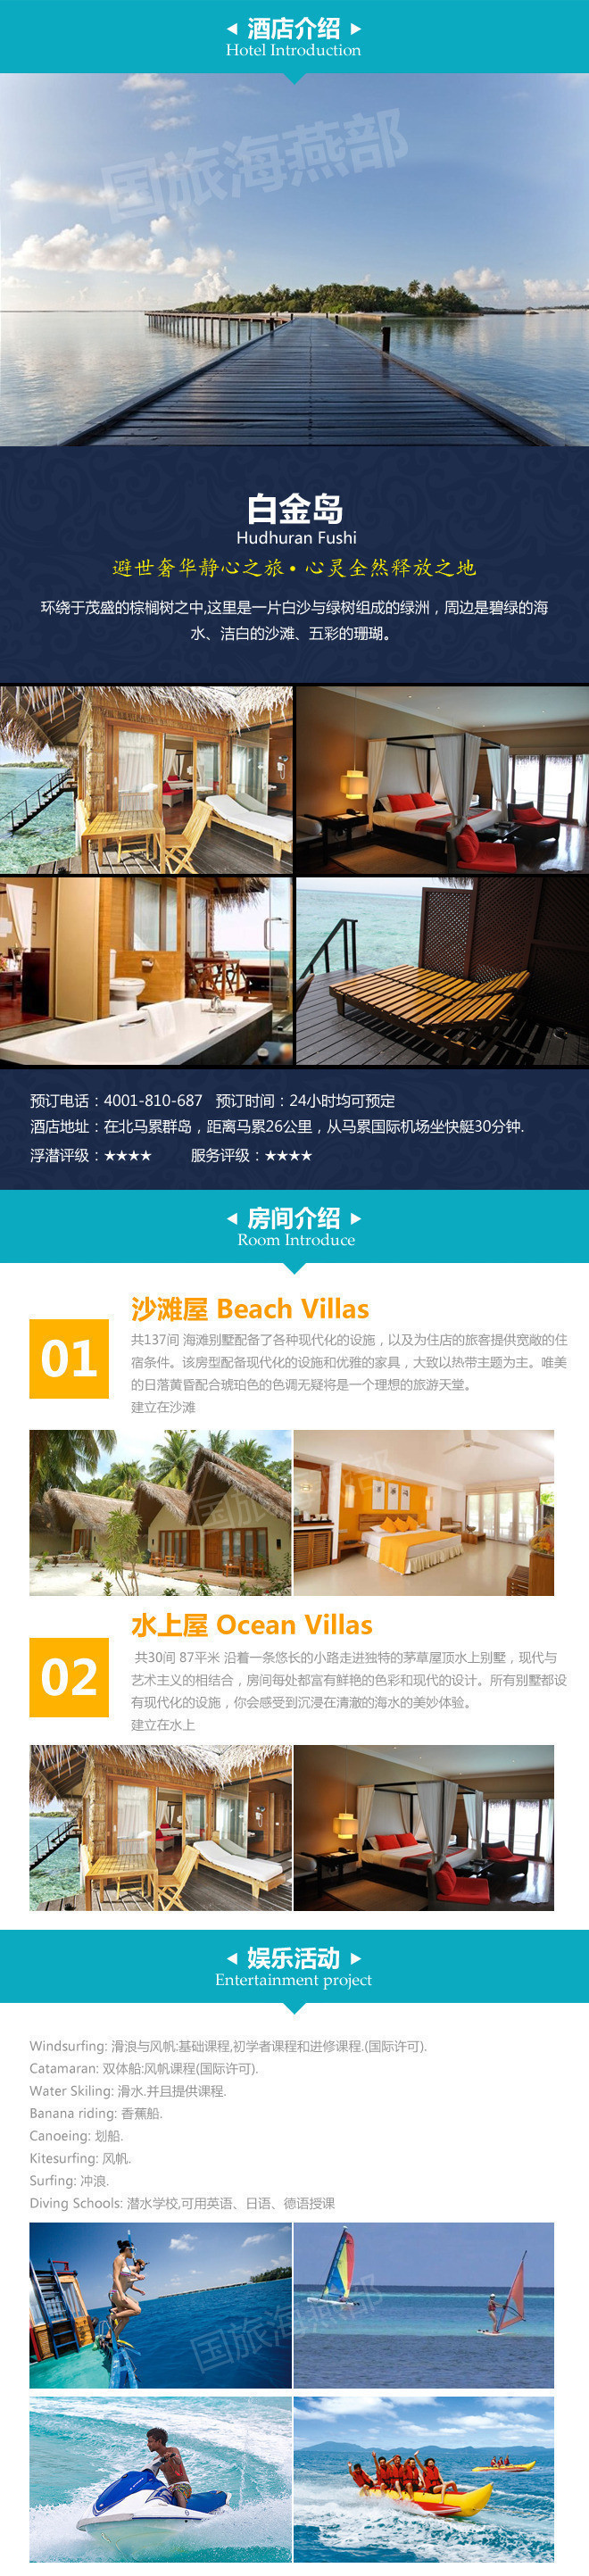 马尔代夫白金岛hudhuran+上海出发6天4晚+2沙屋2水屋